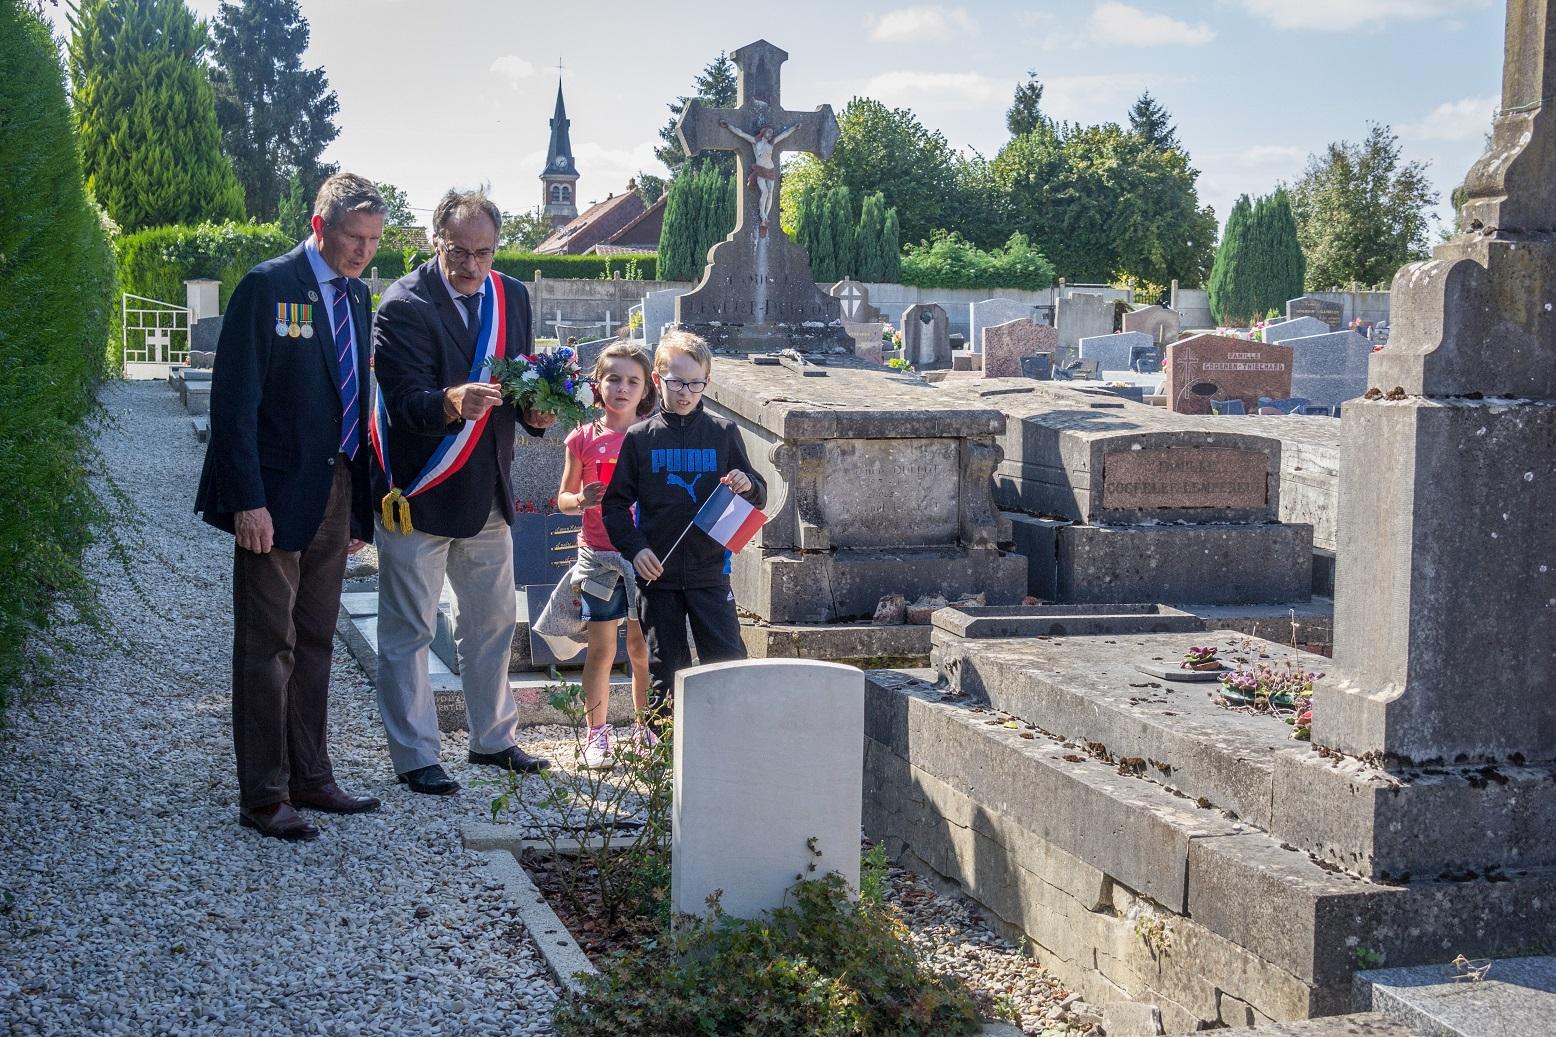 Un britannique est aussi enterré dans le cimetière civil